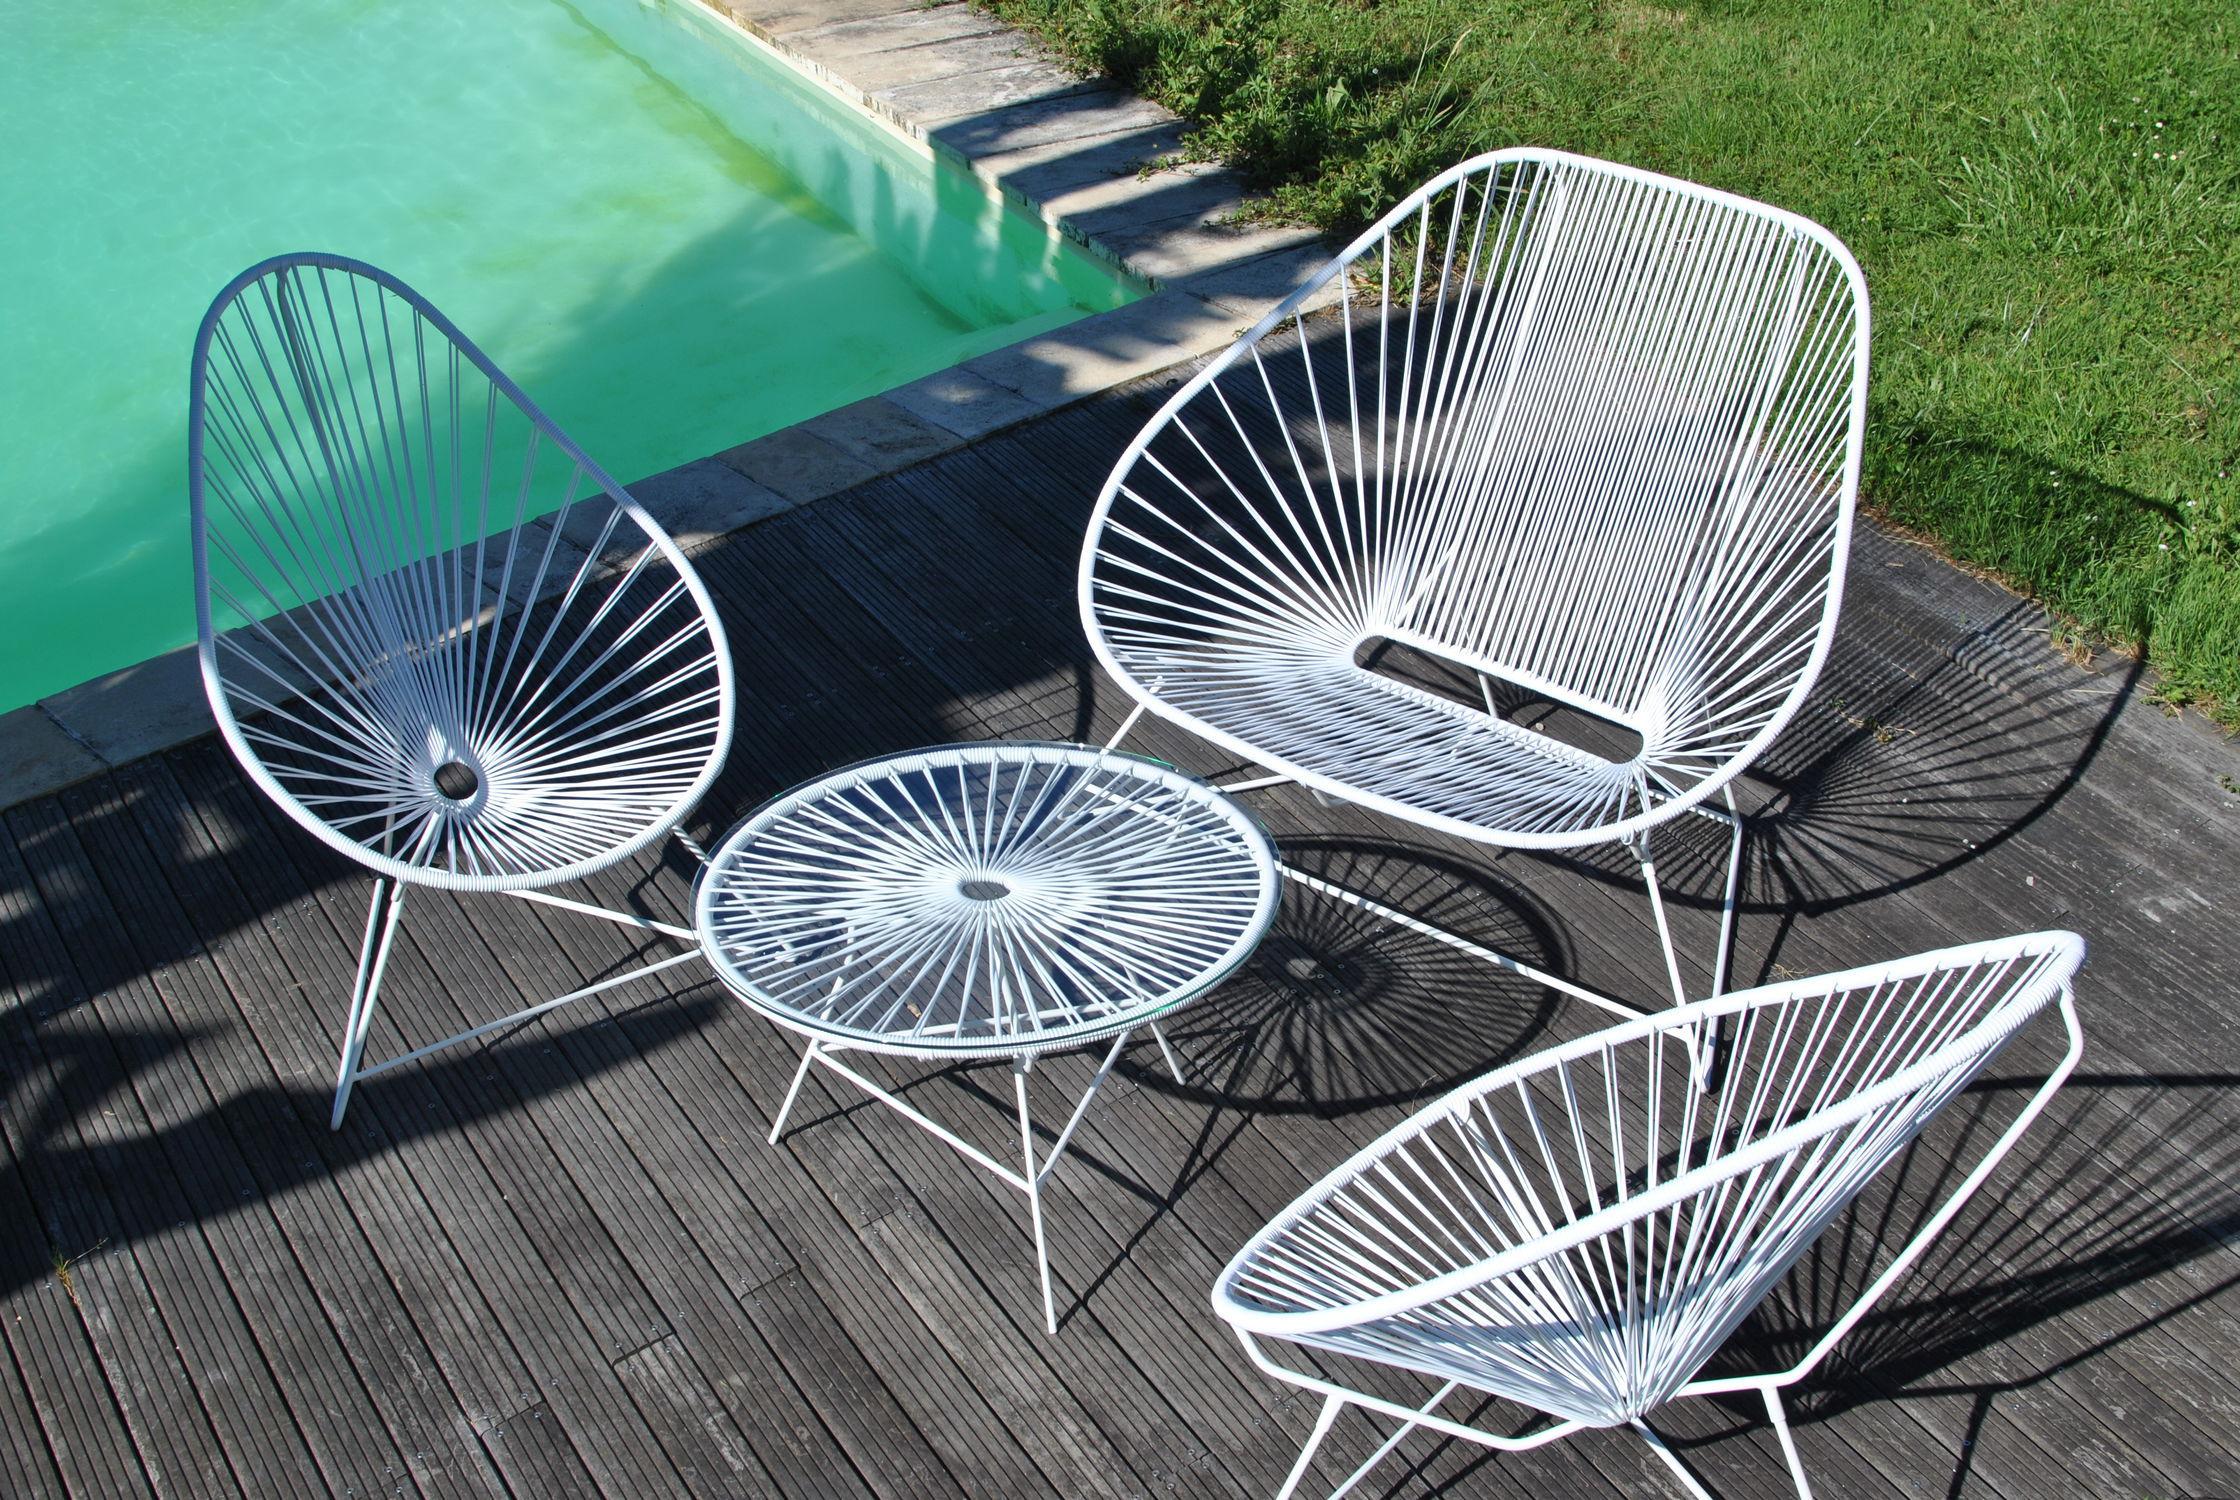 poltrona design originale in plastica in acciaio verniciato con poggiatesta acapulco boqa with sedia acapulco